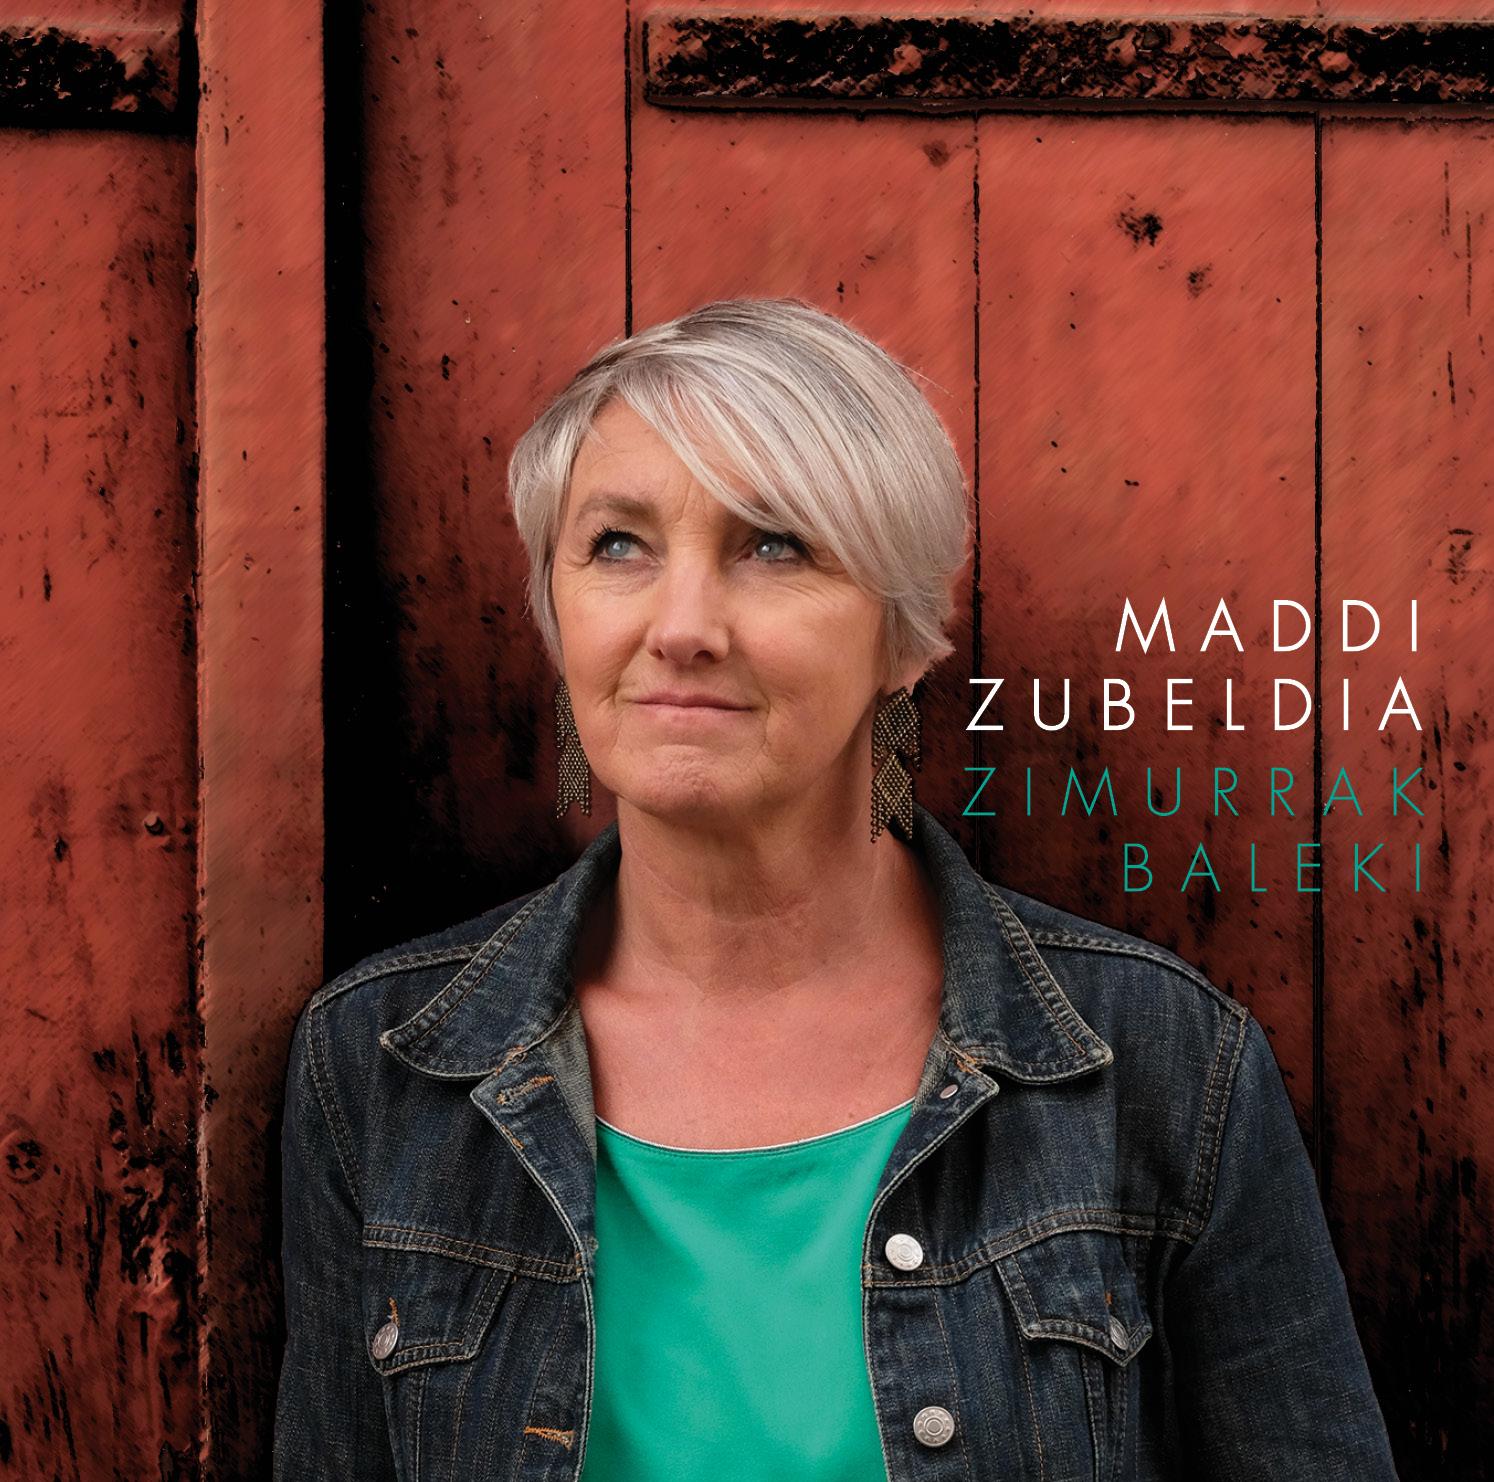 Maddi Zubeldia - Zimurrak baleki